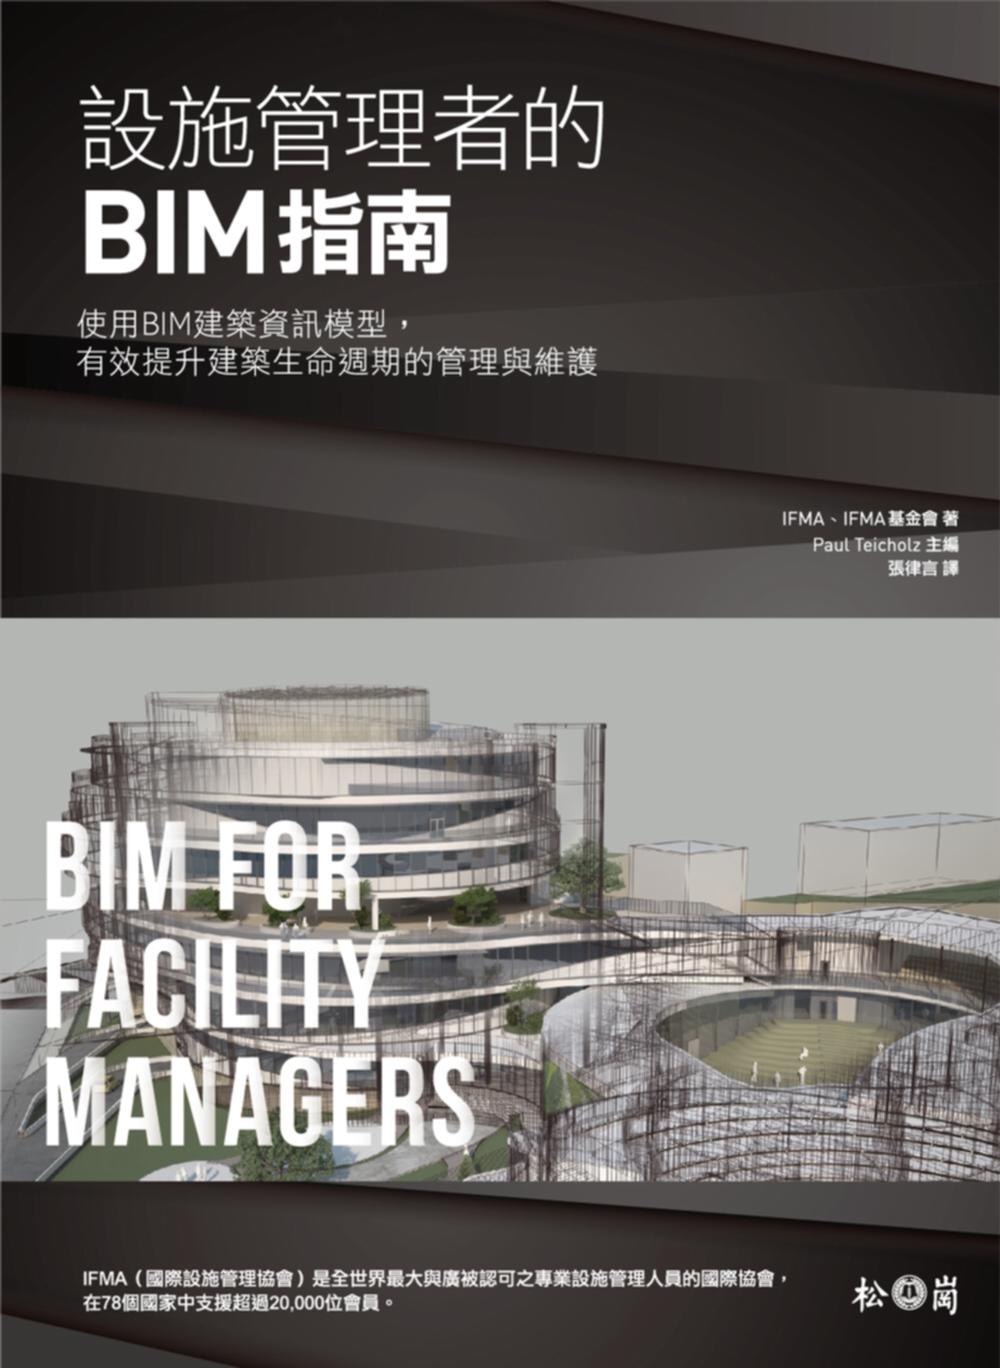 設施管理者的BIM指南:使用BIM建築資訊模型,有效提升 建築生命週期的管理與維護